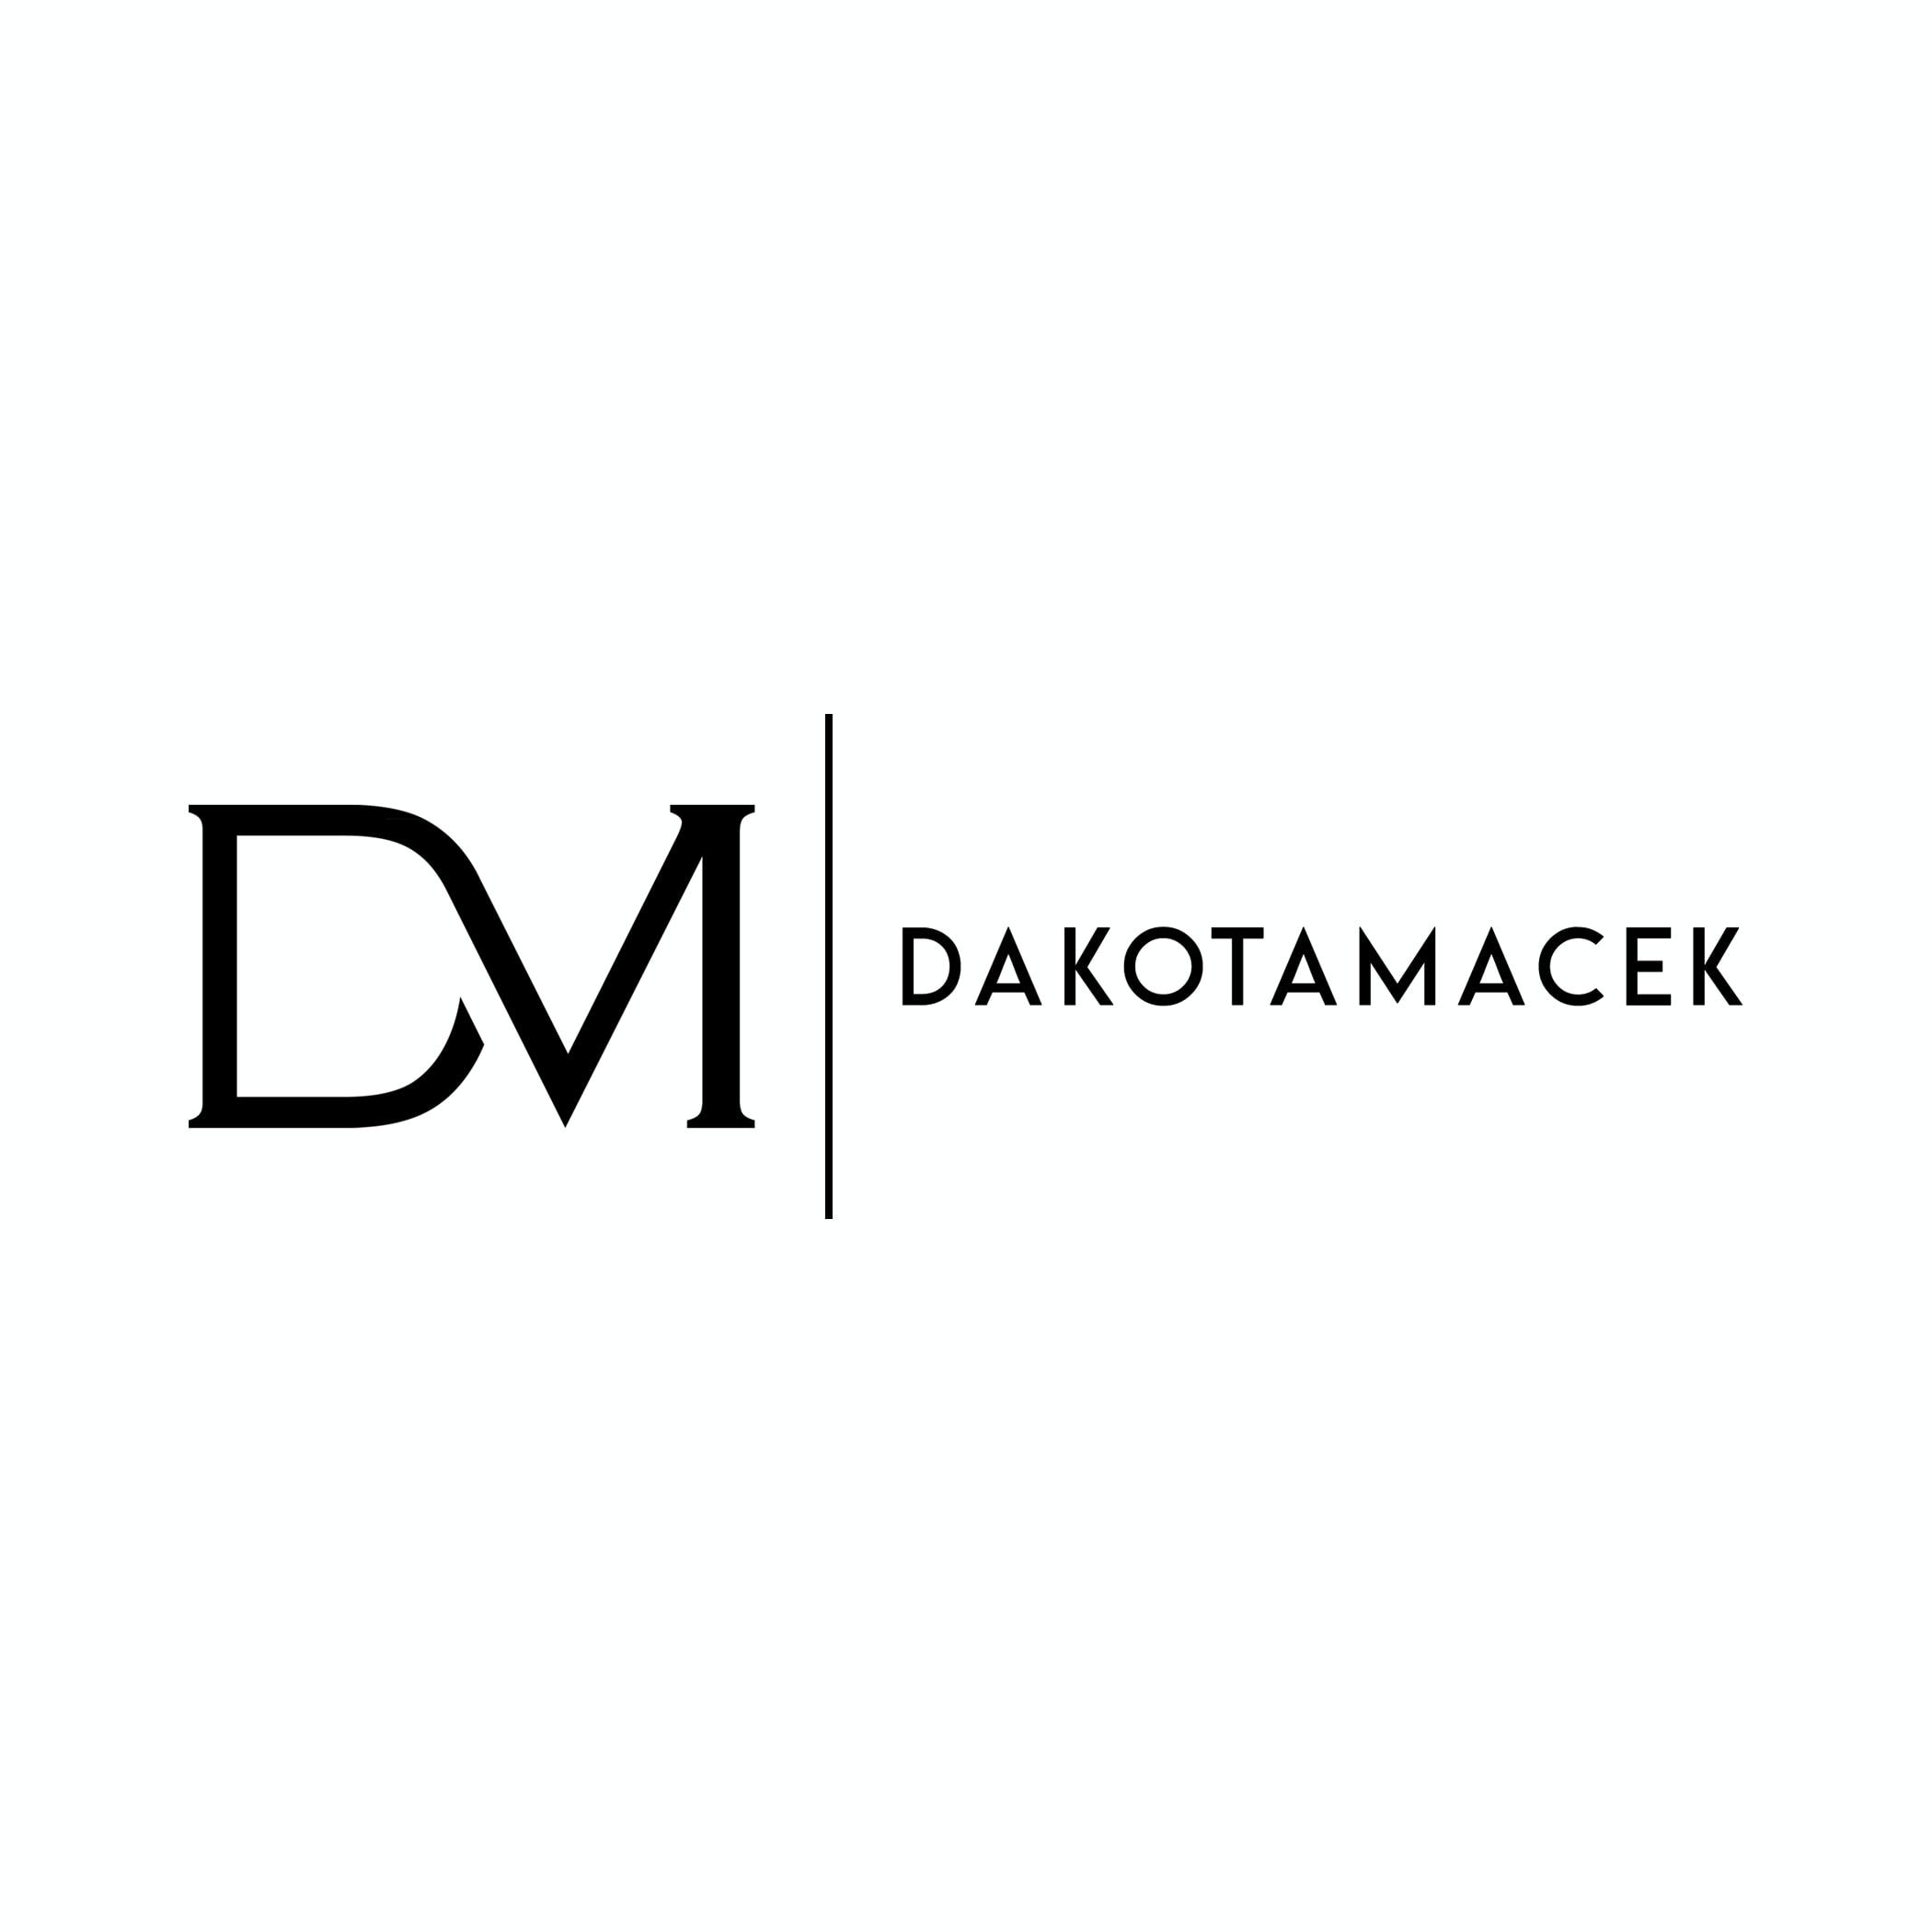 Avatar of user Dakota Macek